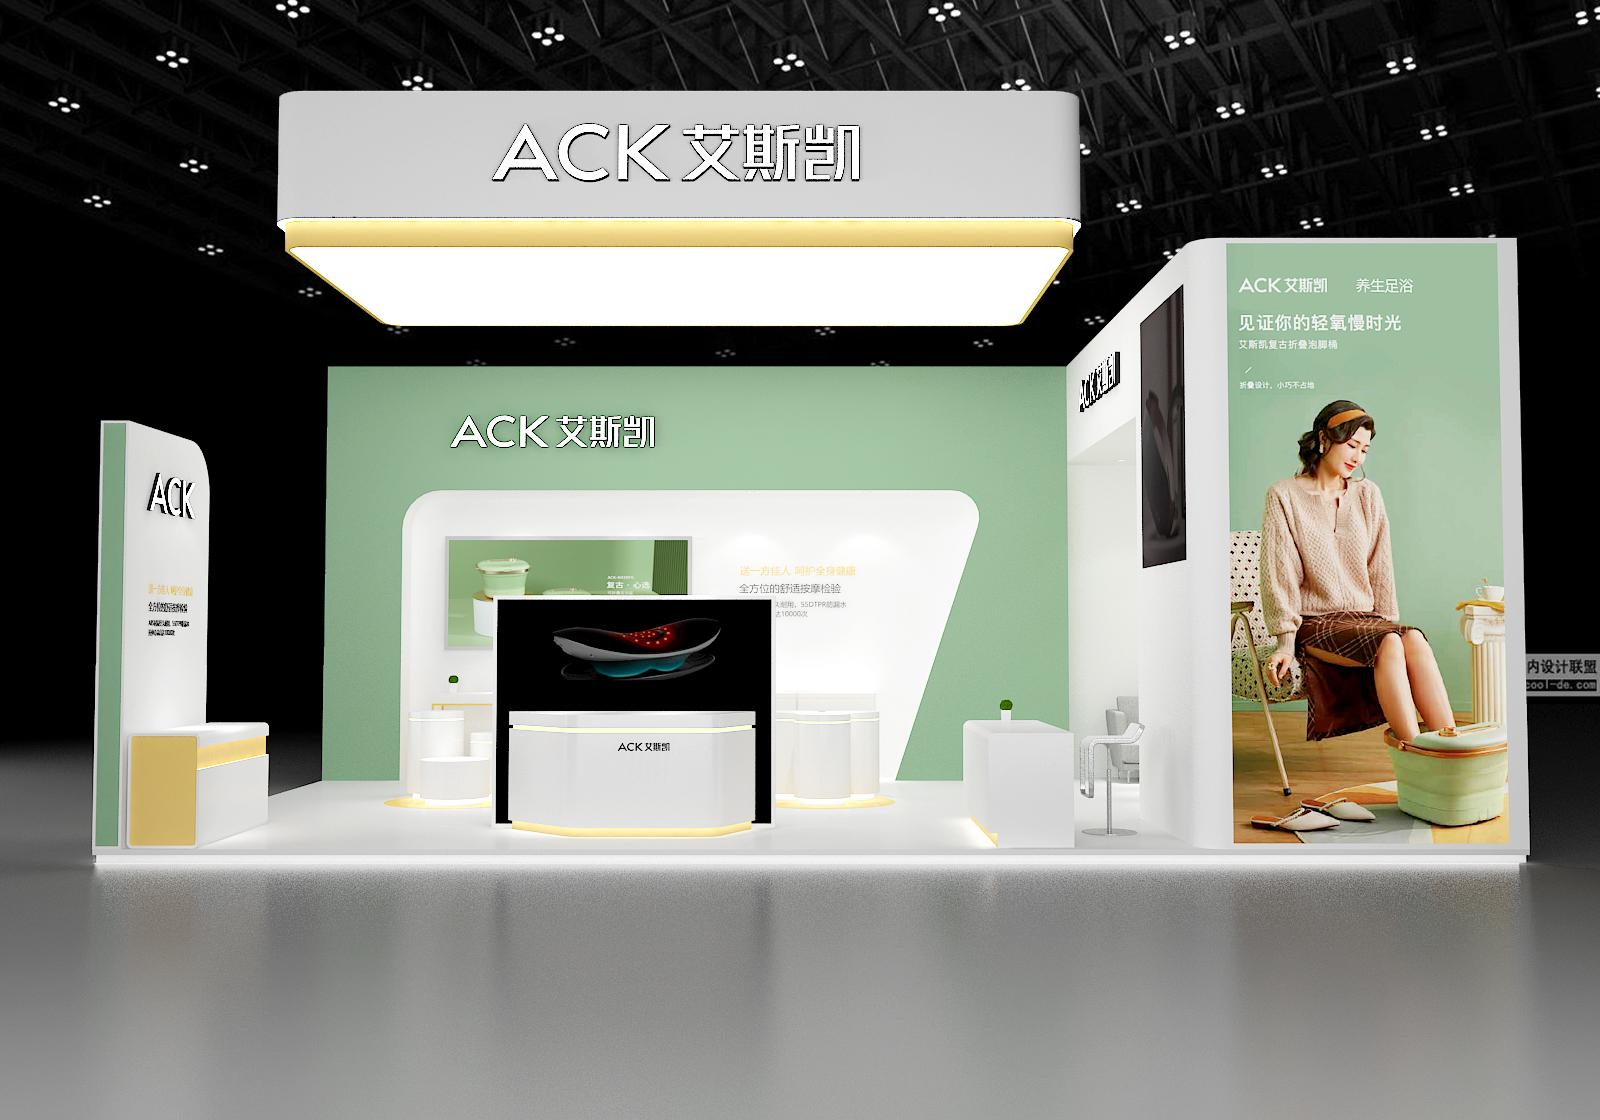 艾斯凯智能产品展览设计-展览展厅设计-杭州达岸品牌策划设计公司